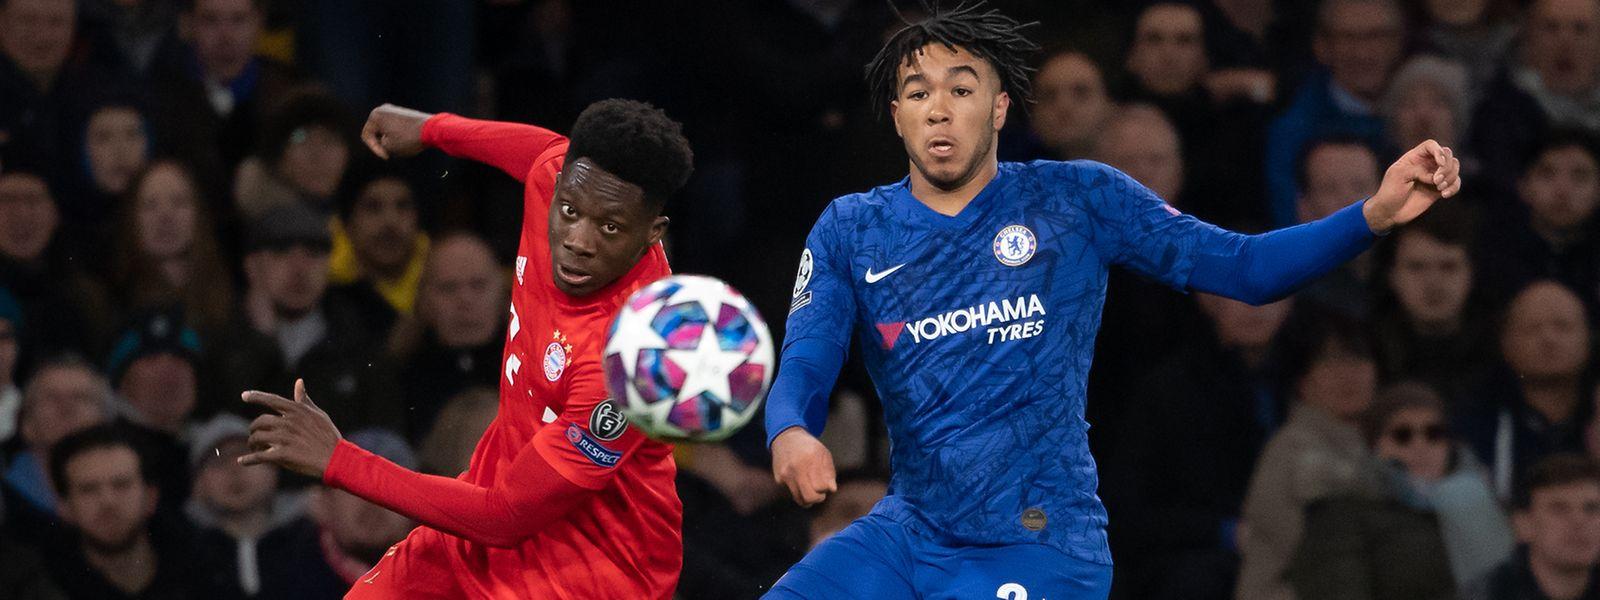 Das Rückspiel zwischen dem FC Bayern um Alphonso Davies (l.) gegen Reece James und Chelsea findet in München statt.